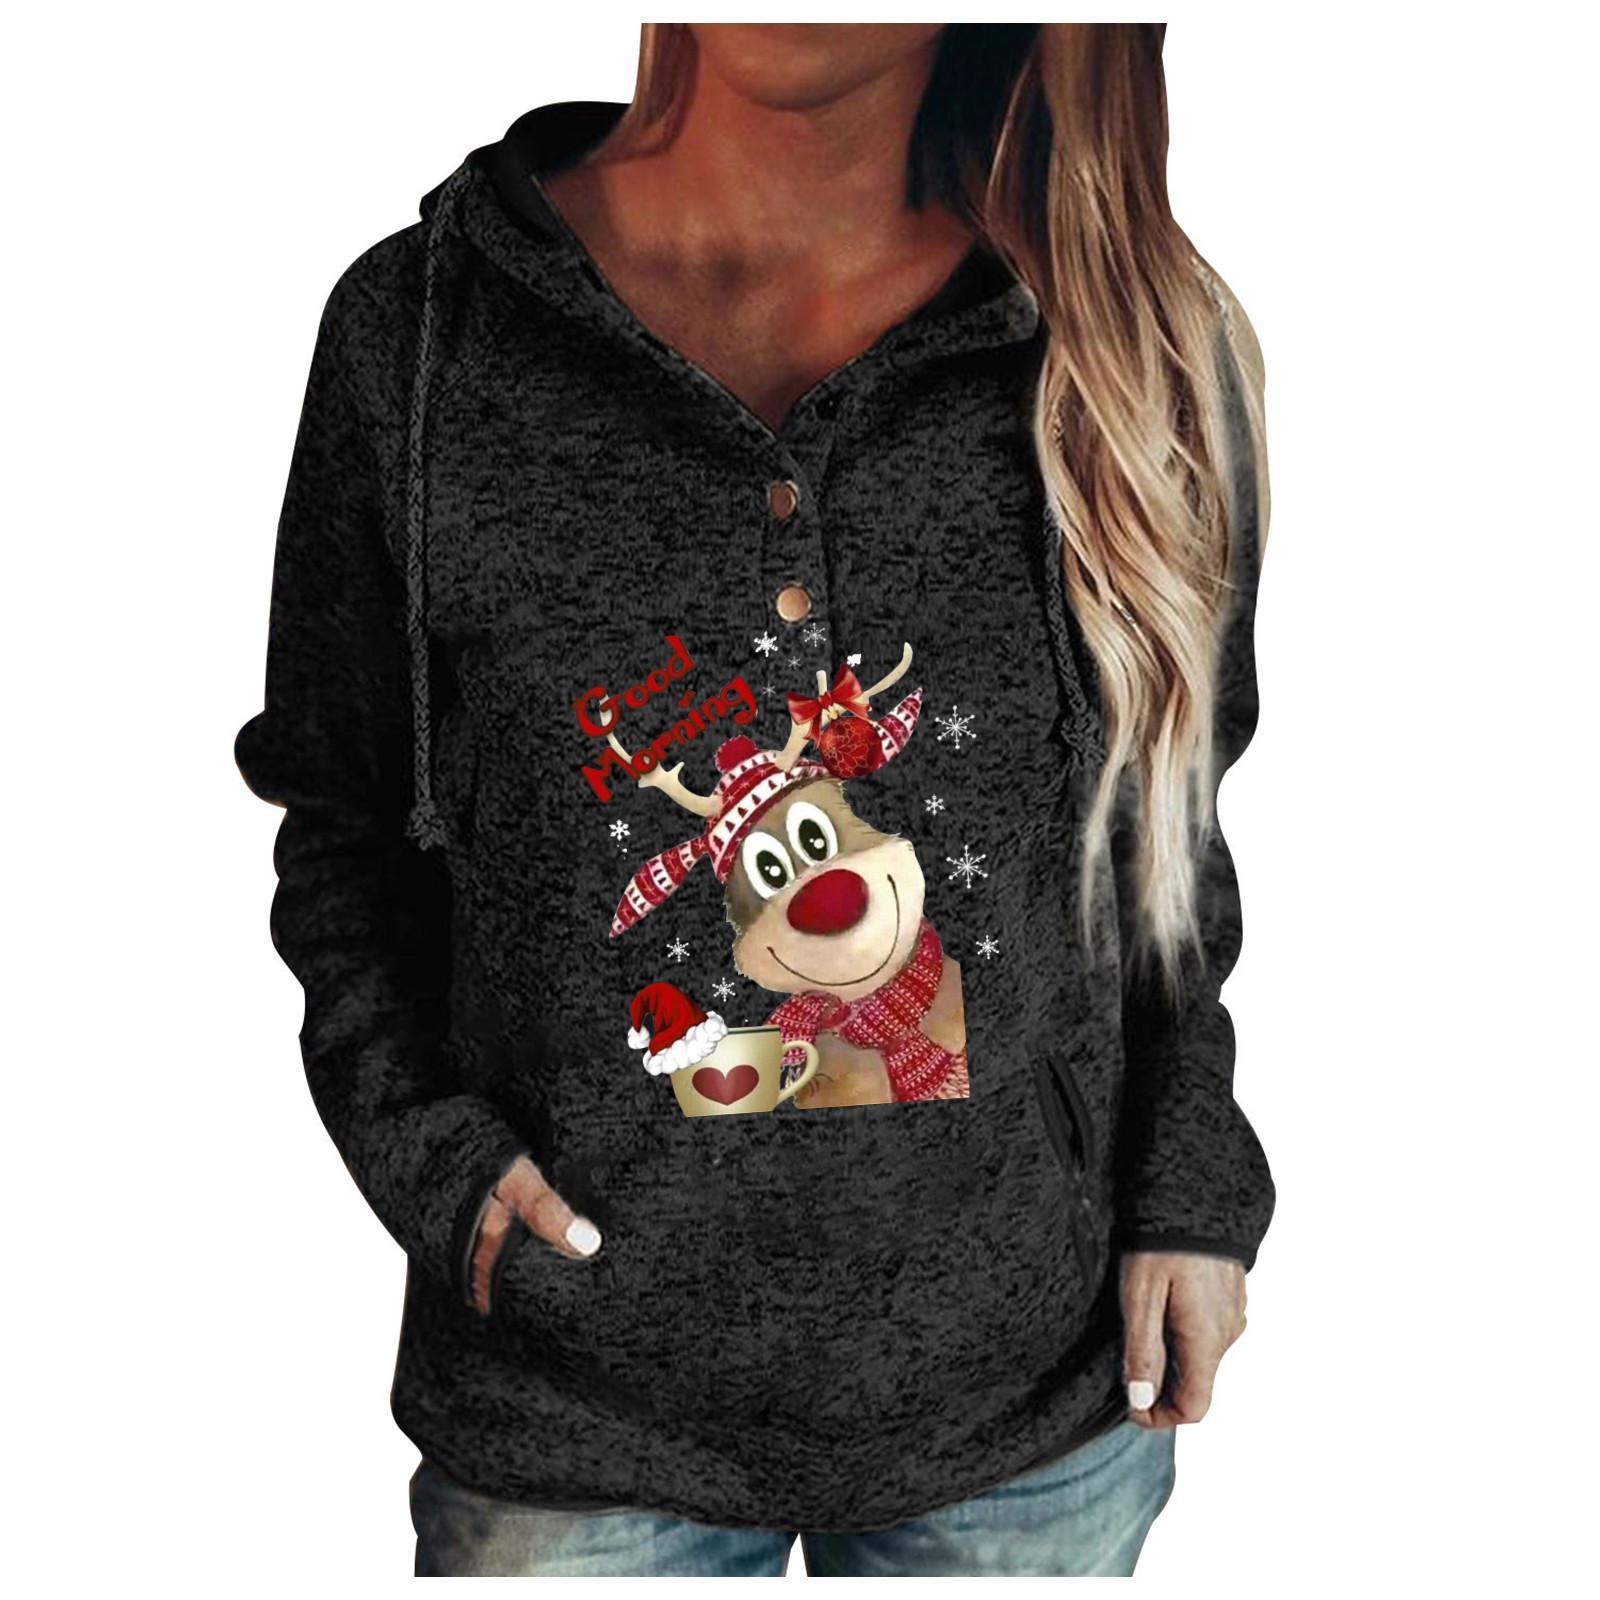 Felpa natalizia inverno autunno autunno felpa calda donna bottoni colletto Natale con cappuccio pullover tasche con coulisse Top Y1114